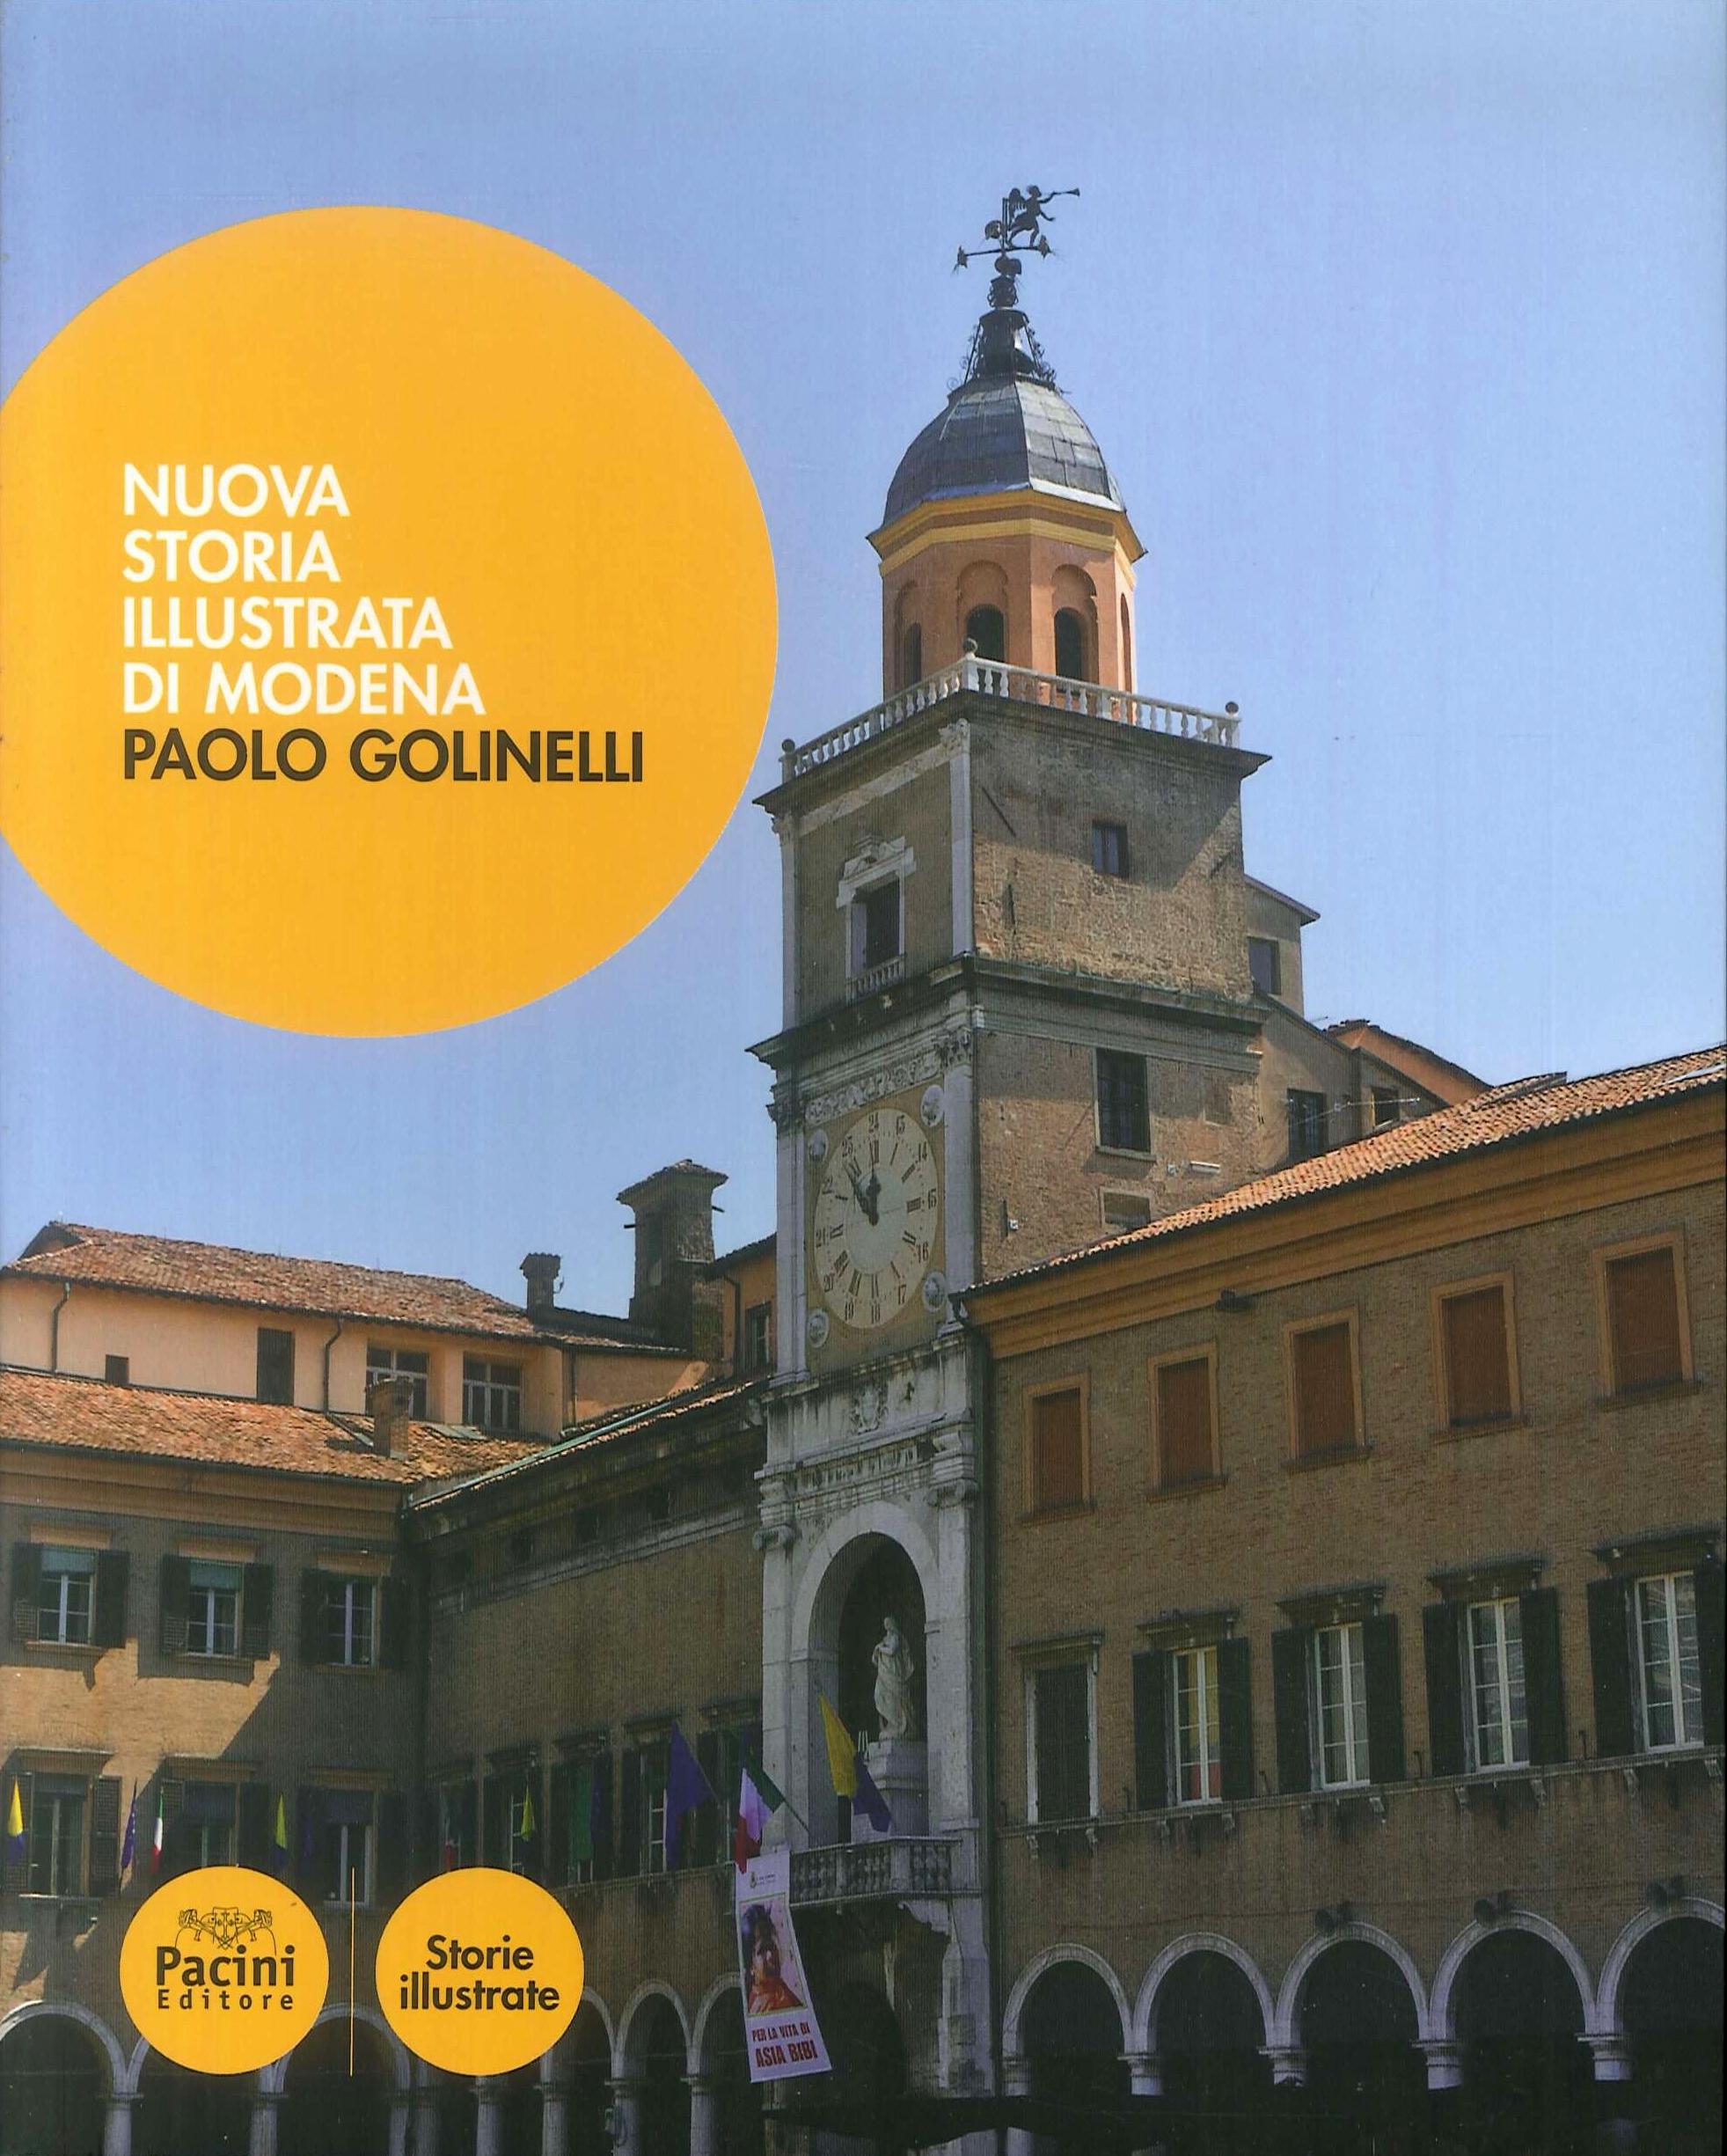 Nuova storia illustrata di Modena.